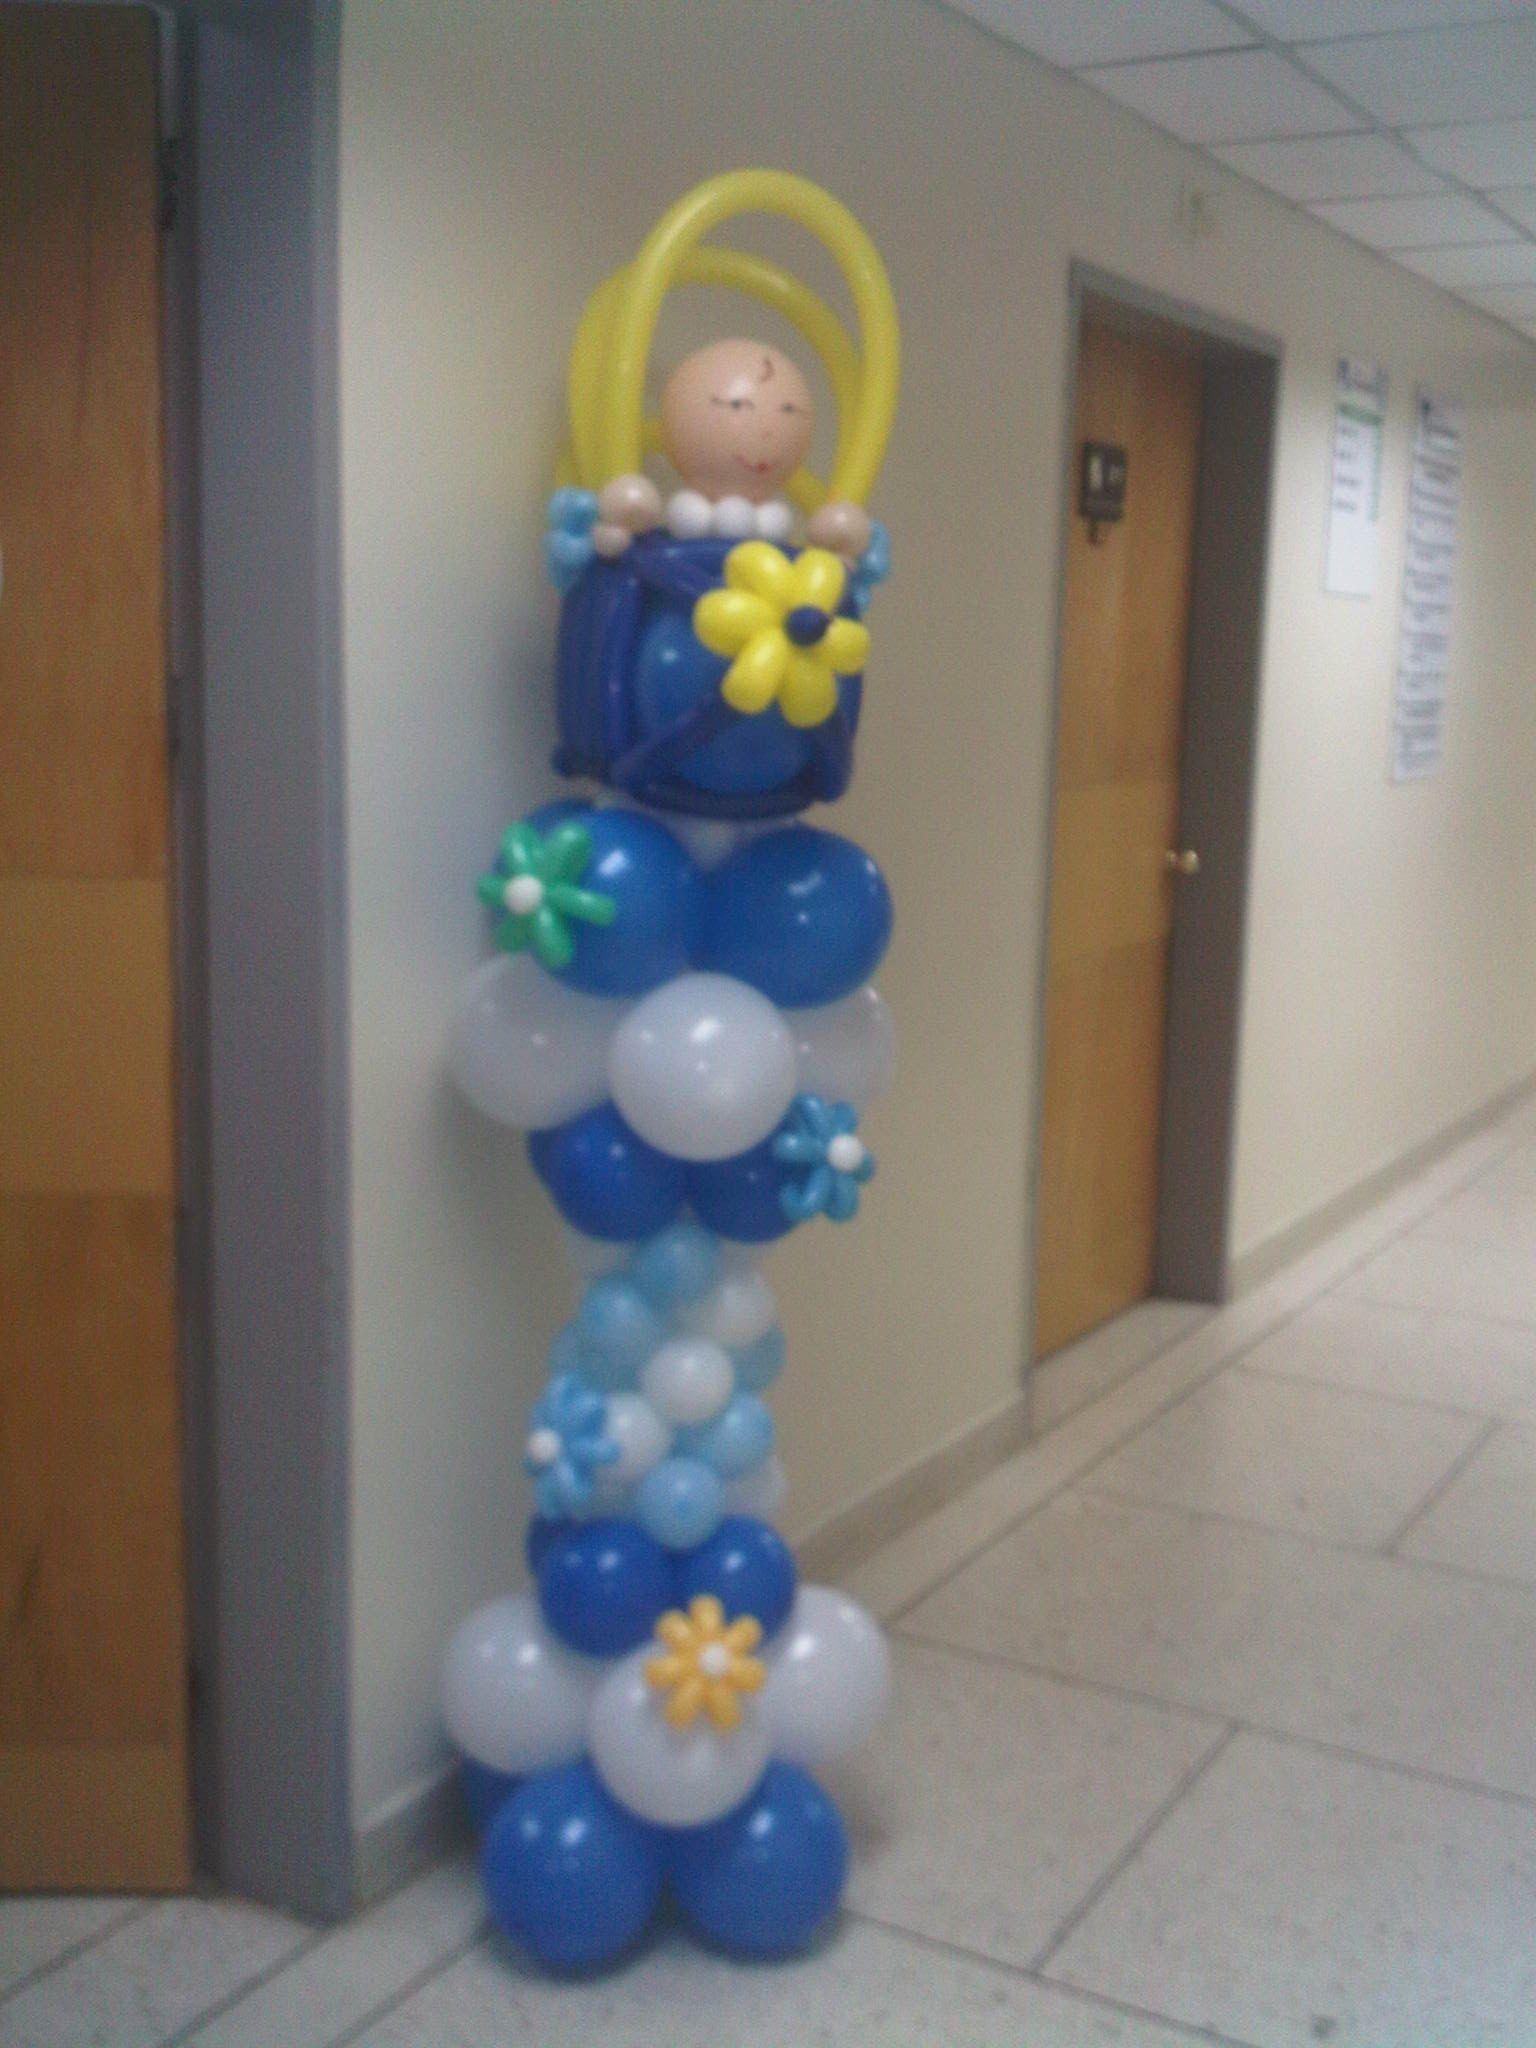 Arreglo Para Nacimiento Balloon Towerballoon Columnsballoon Archbaby Shower Balloonsballoon Decorationsbaby